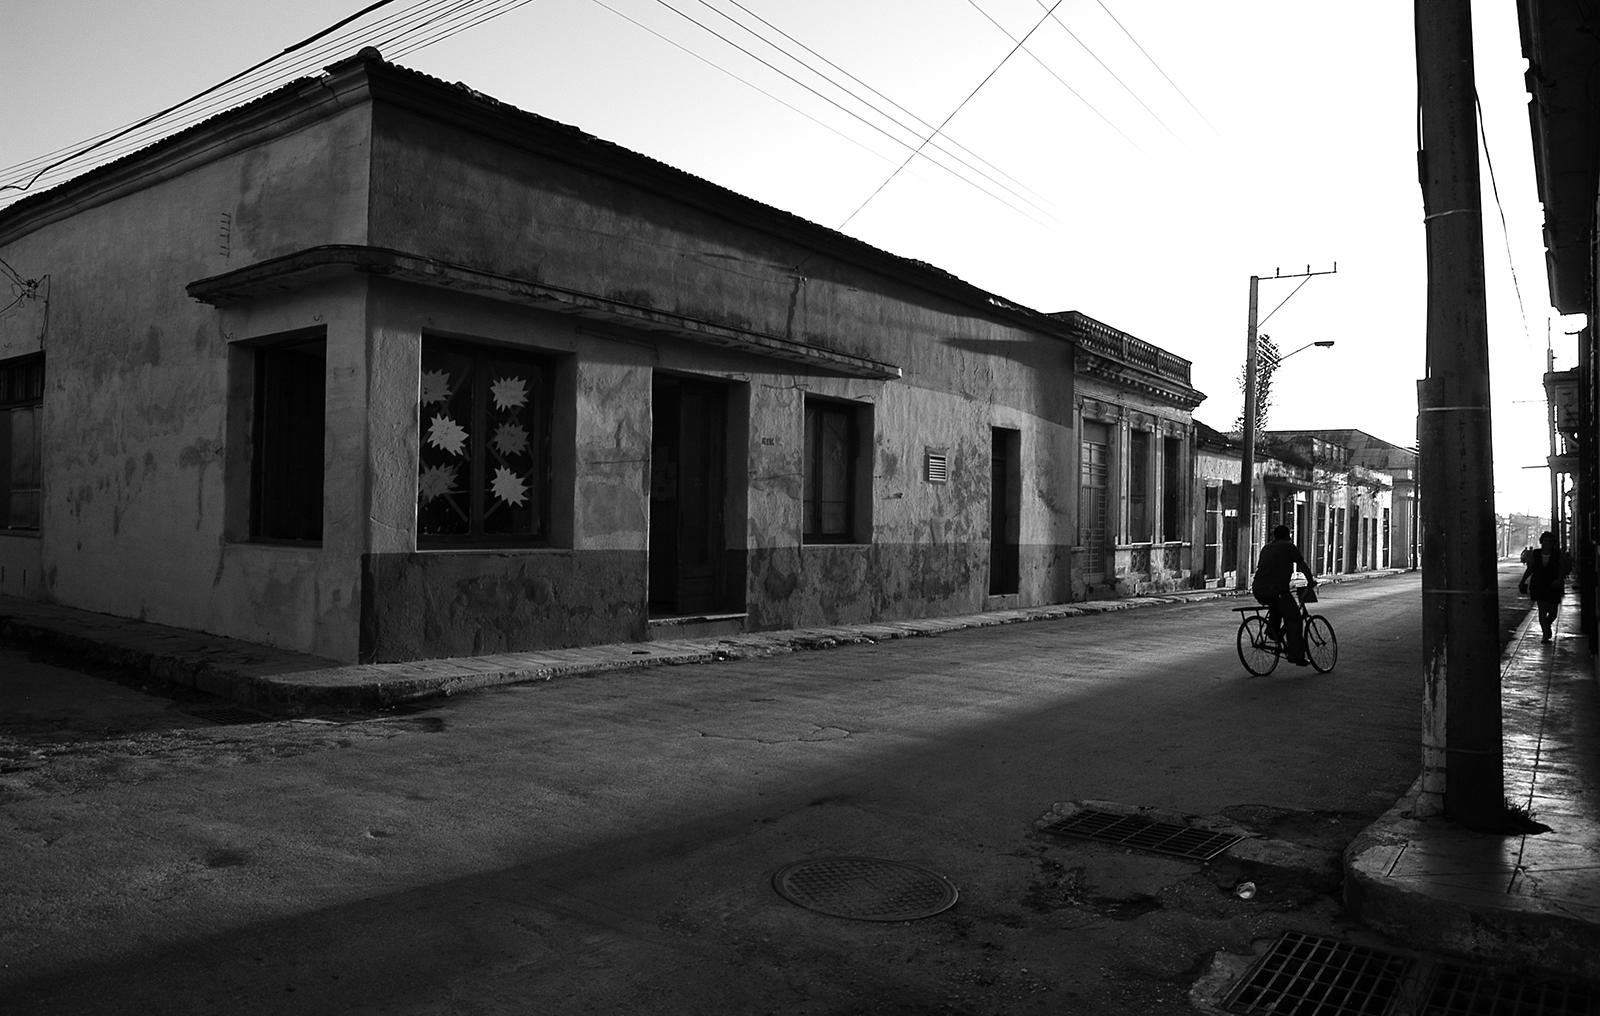 scenes in San Antonio de los Baños, Cuba